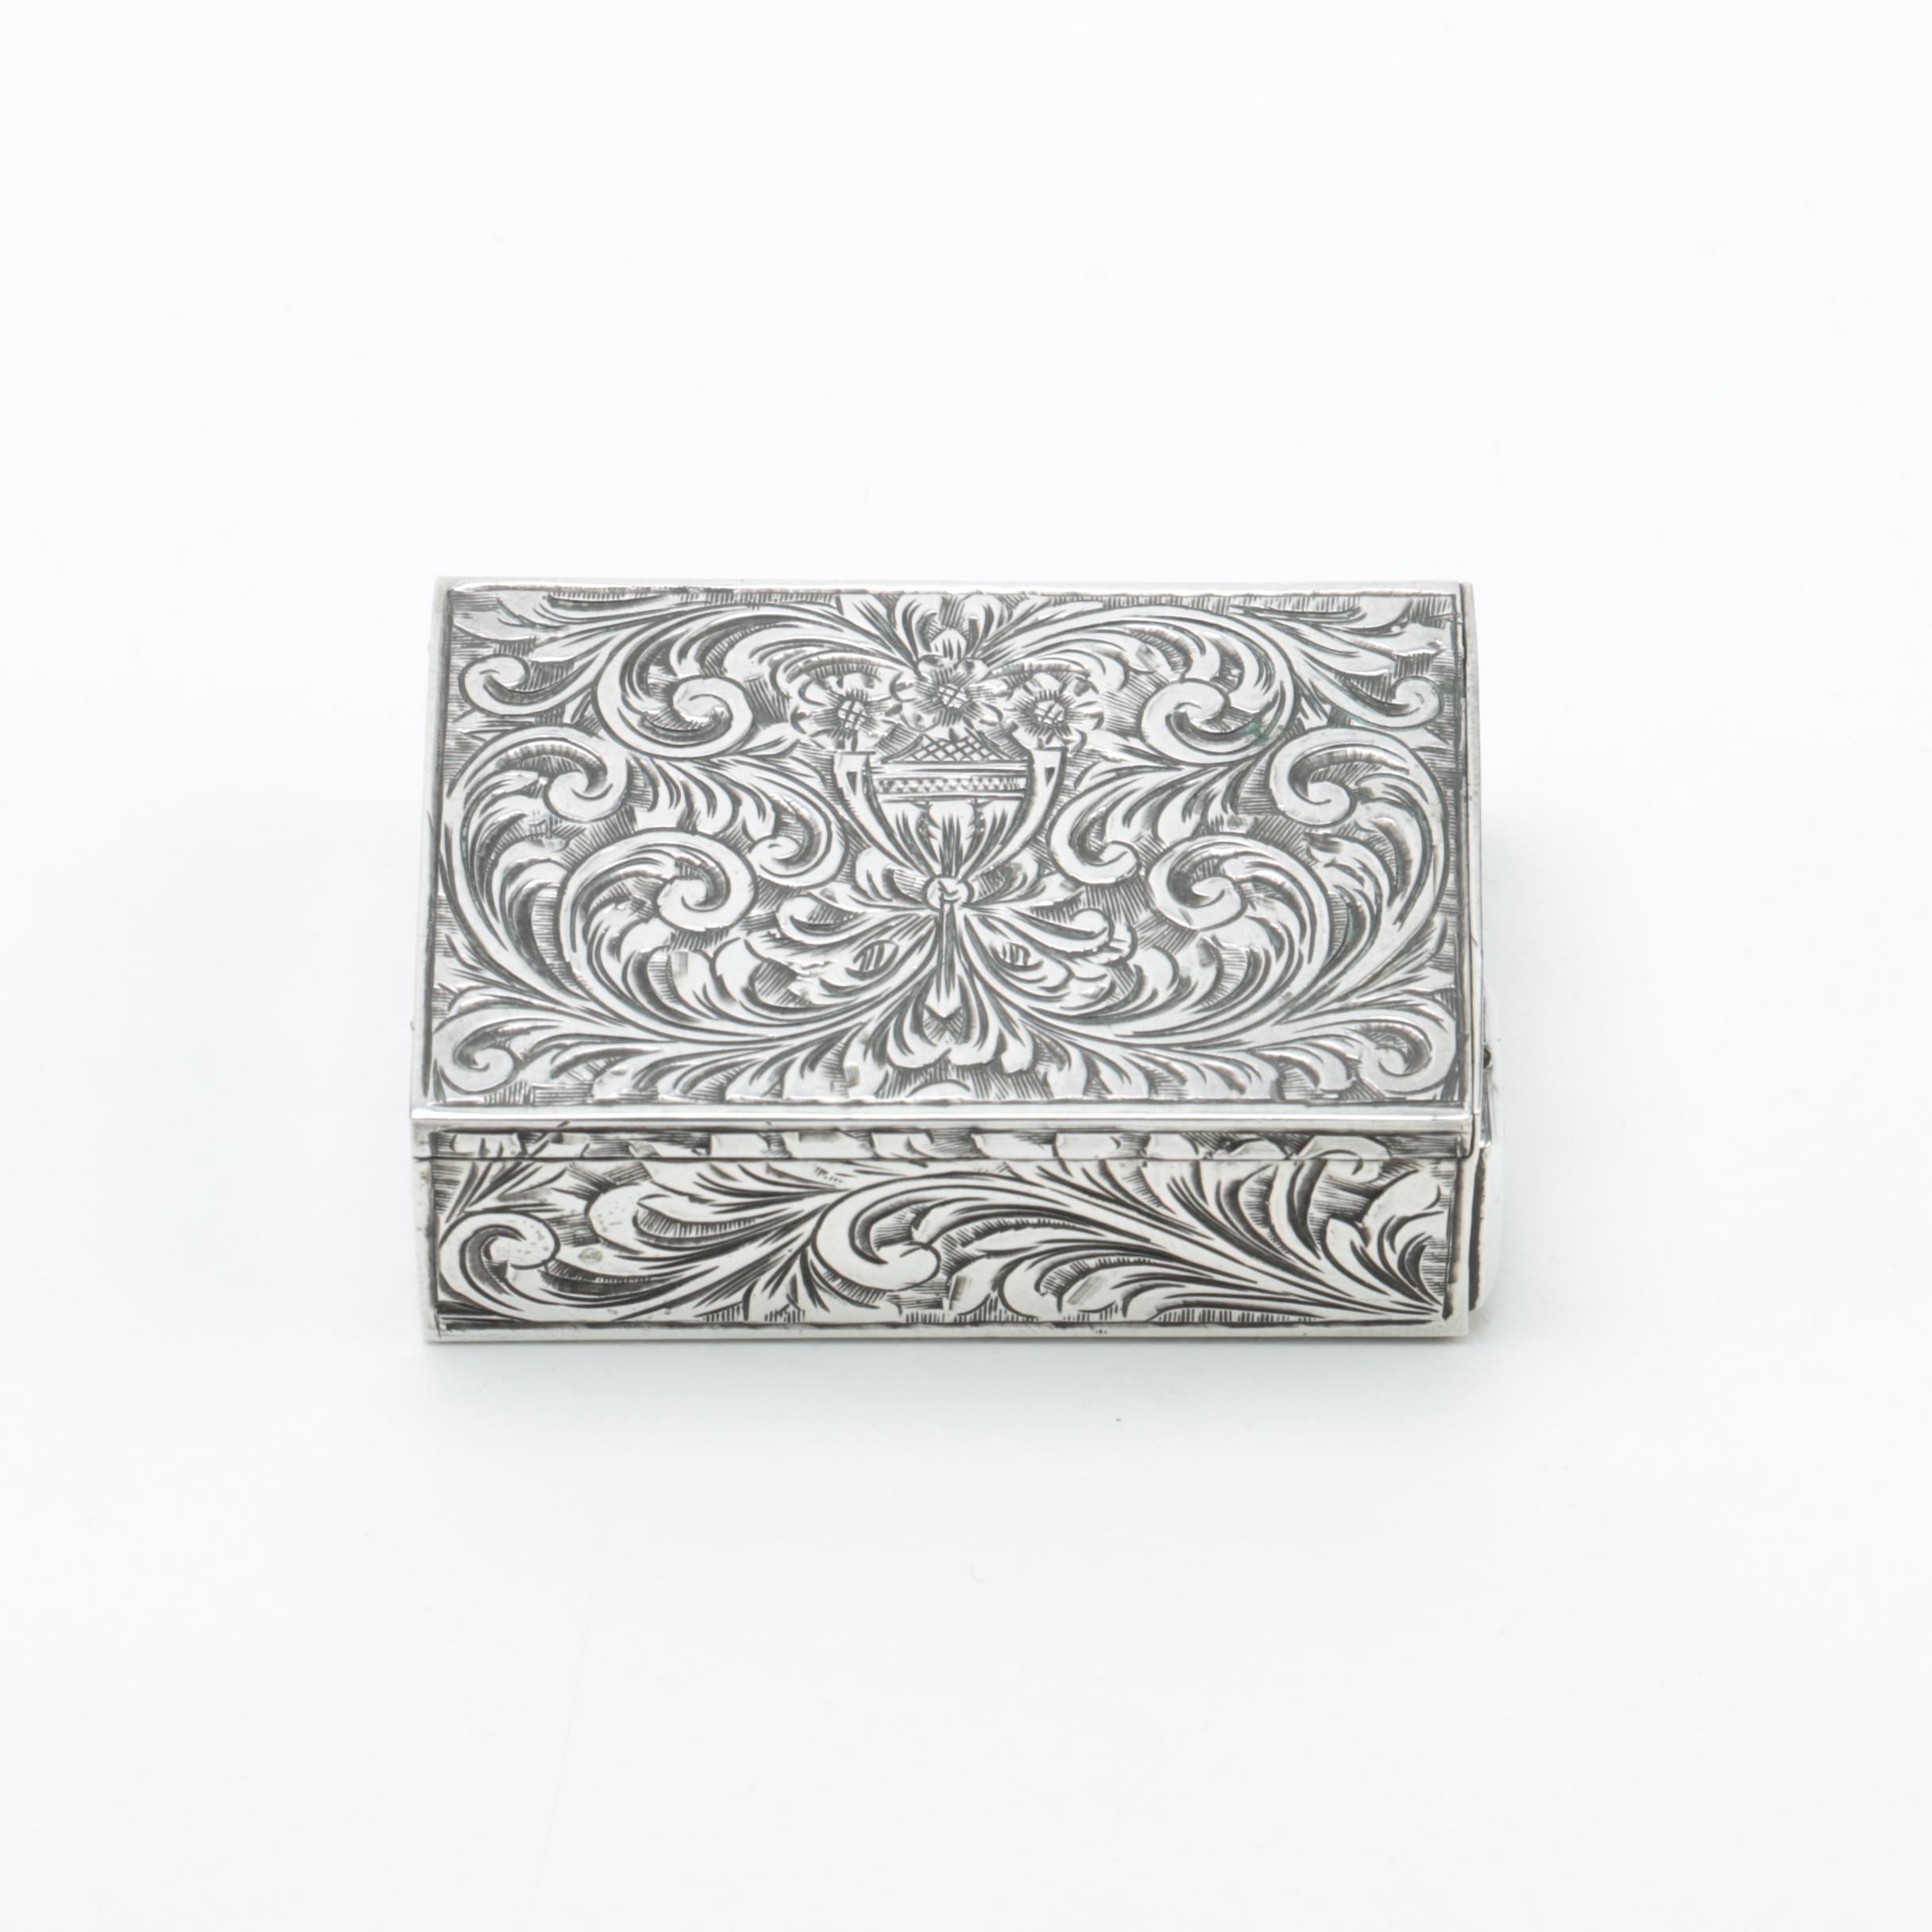 Italian 800 Silver Lipstick Compact